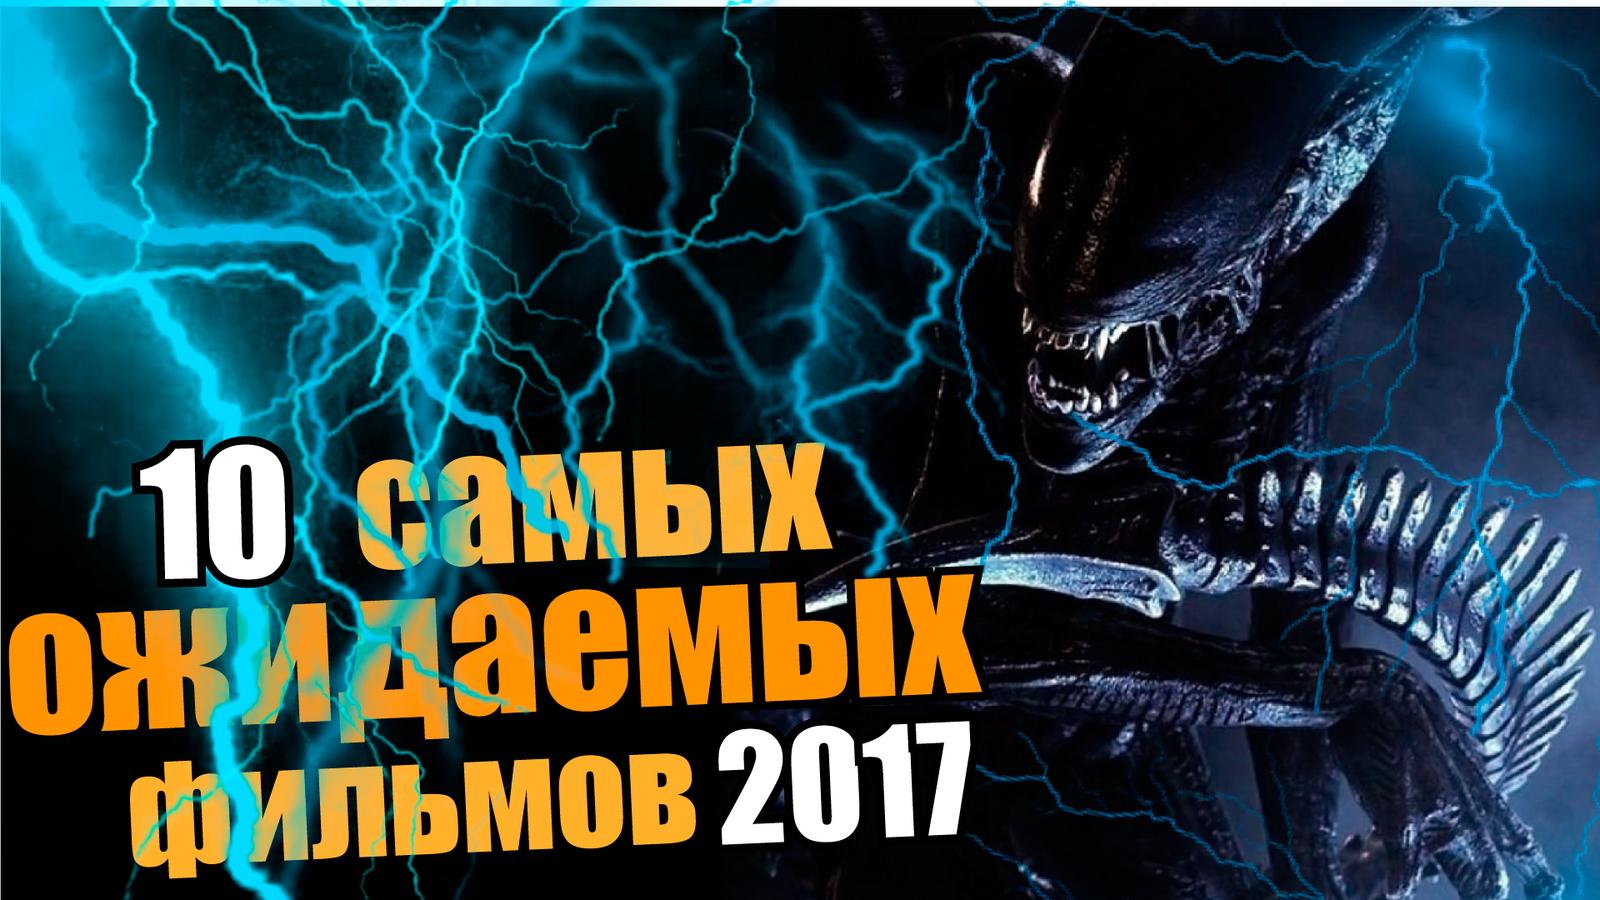 Фантастические фильмы 2017 года